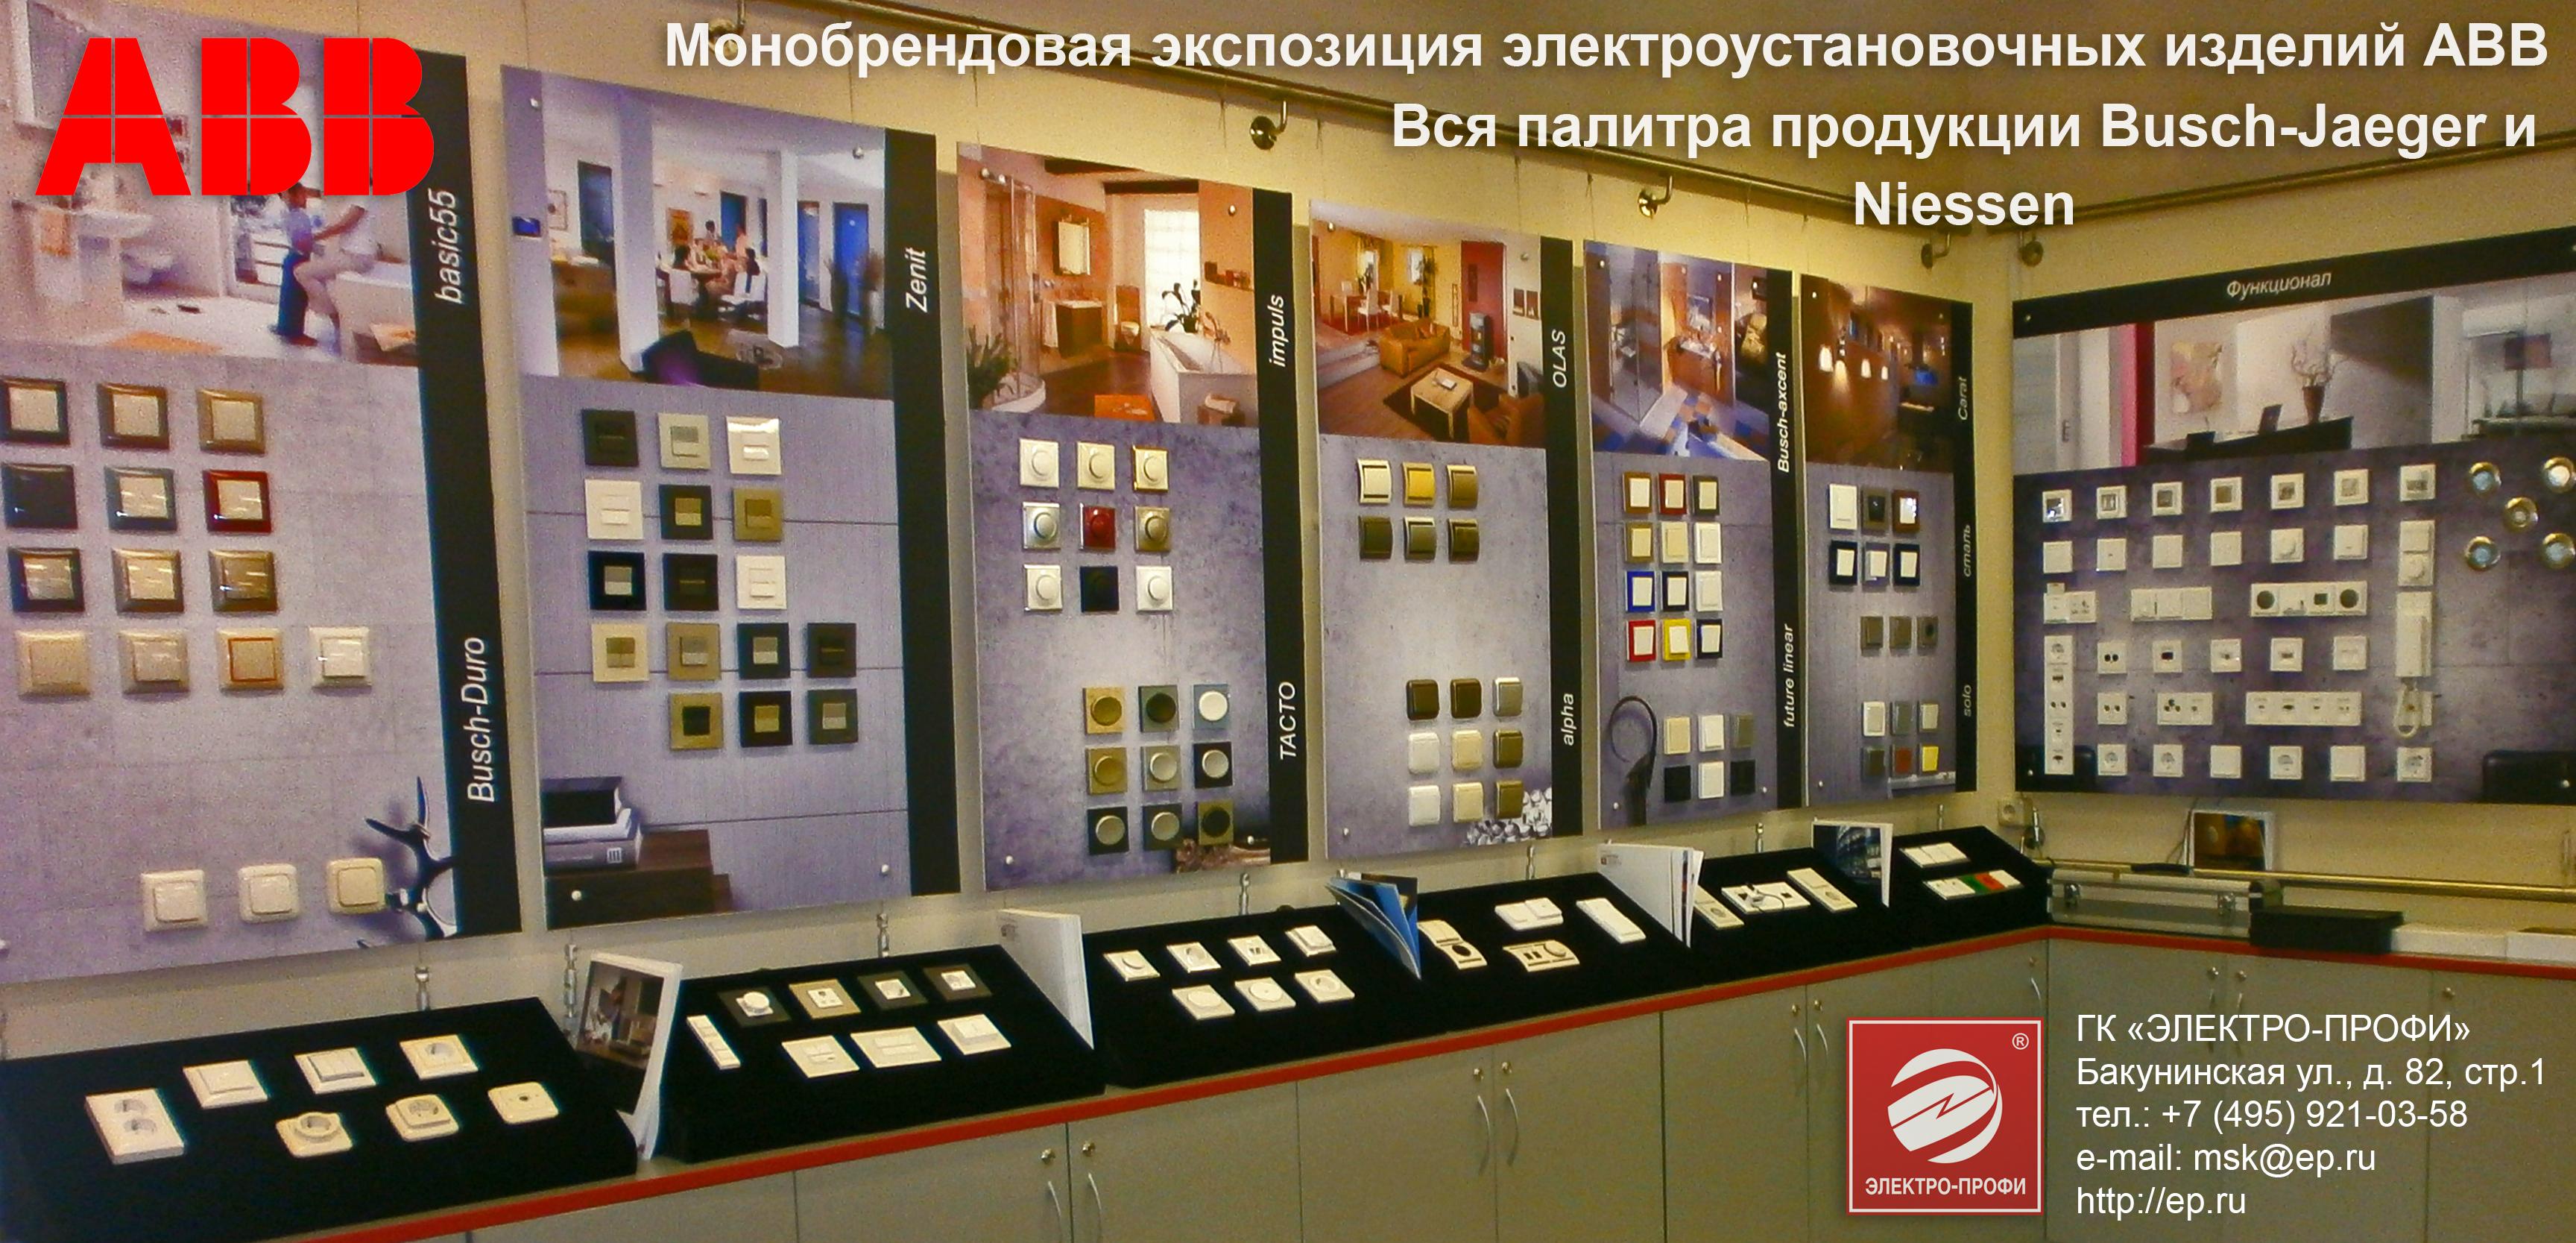 Экспозиция электроустановочных изделий АВВ в ГК